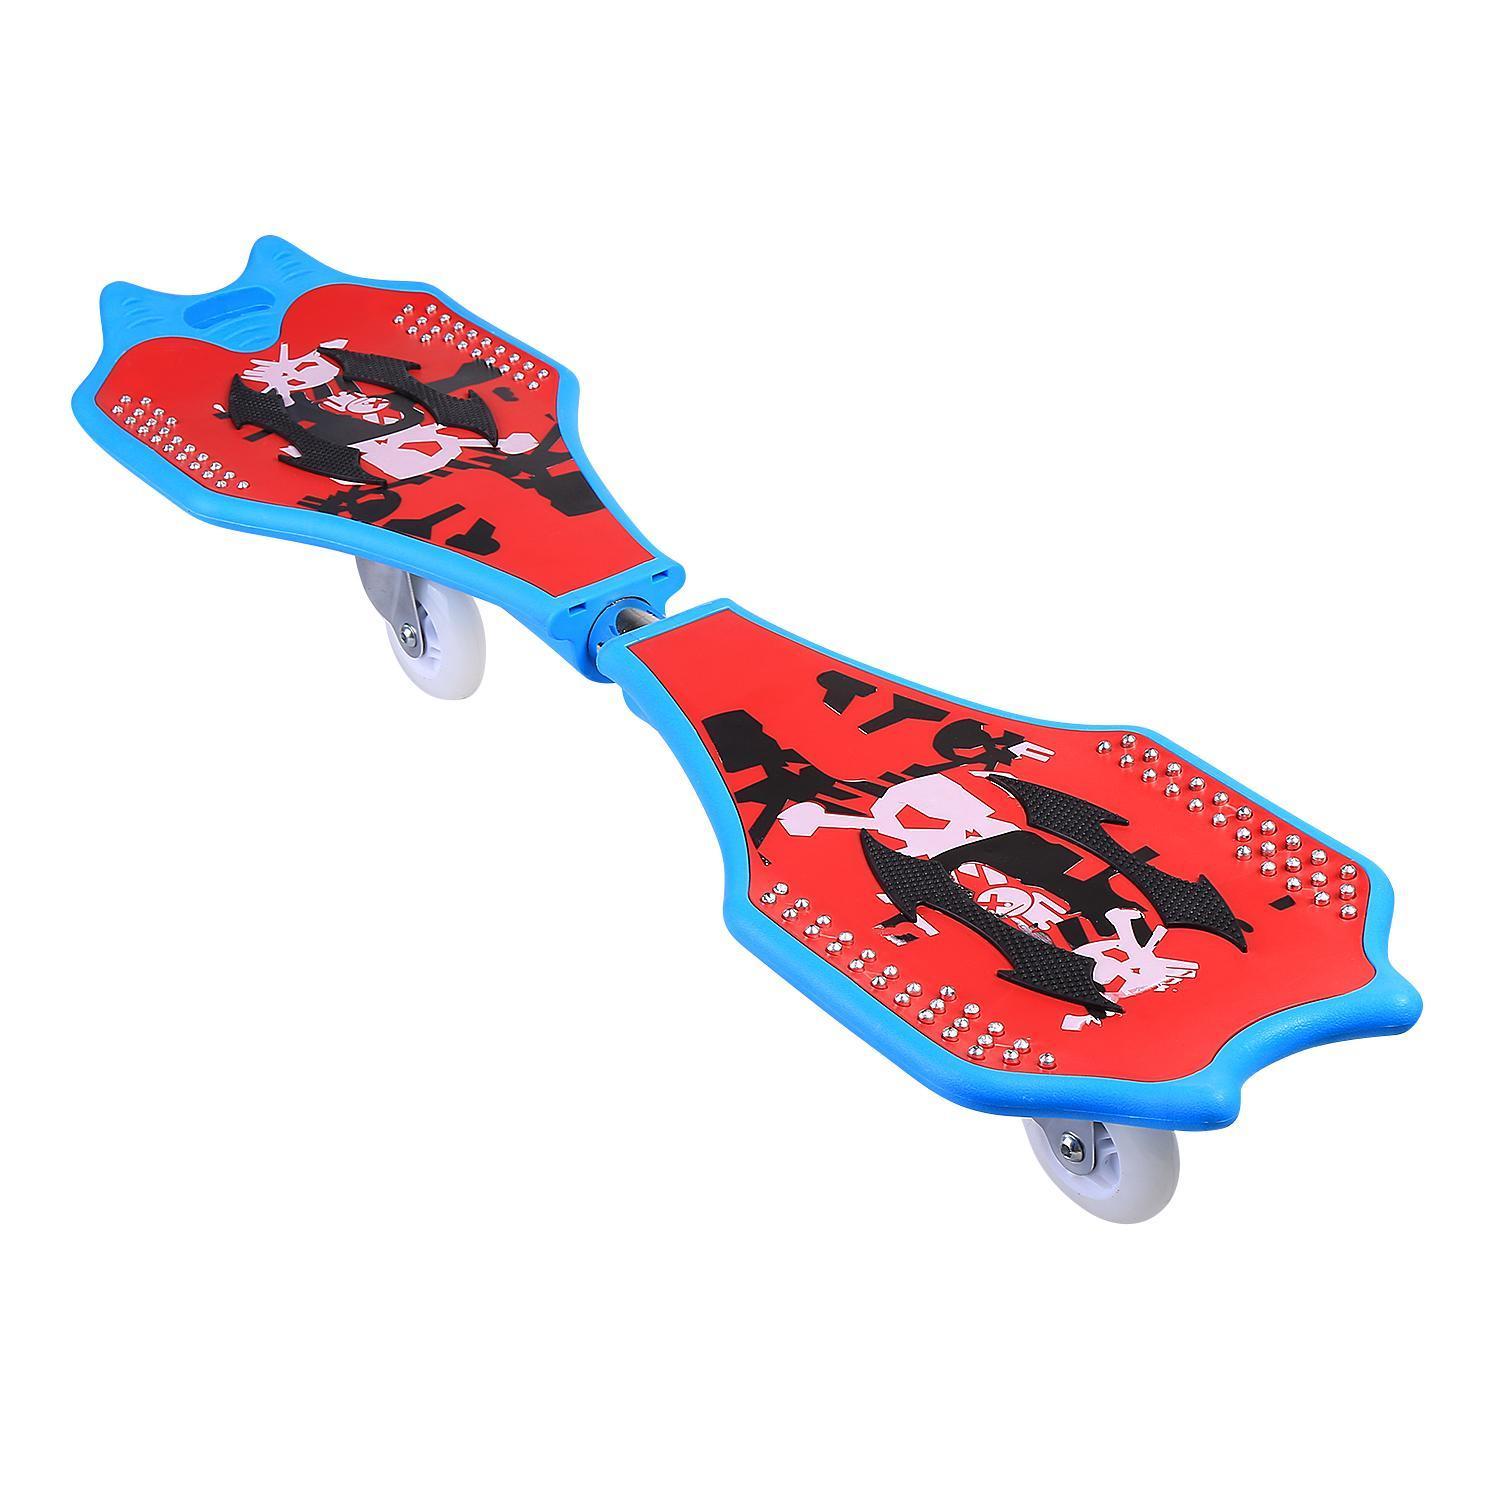 Skater caster